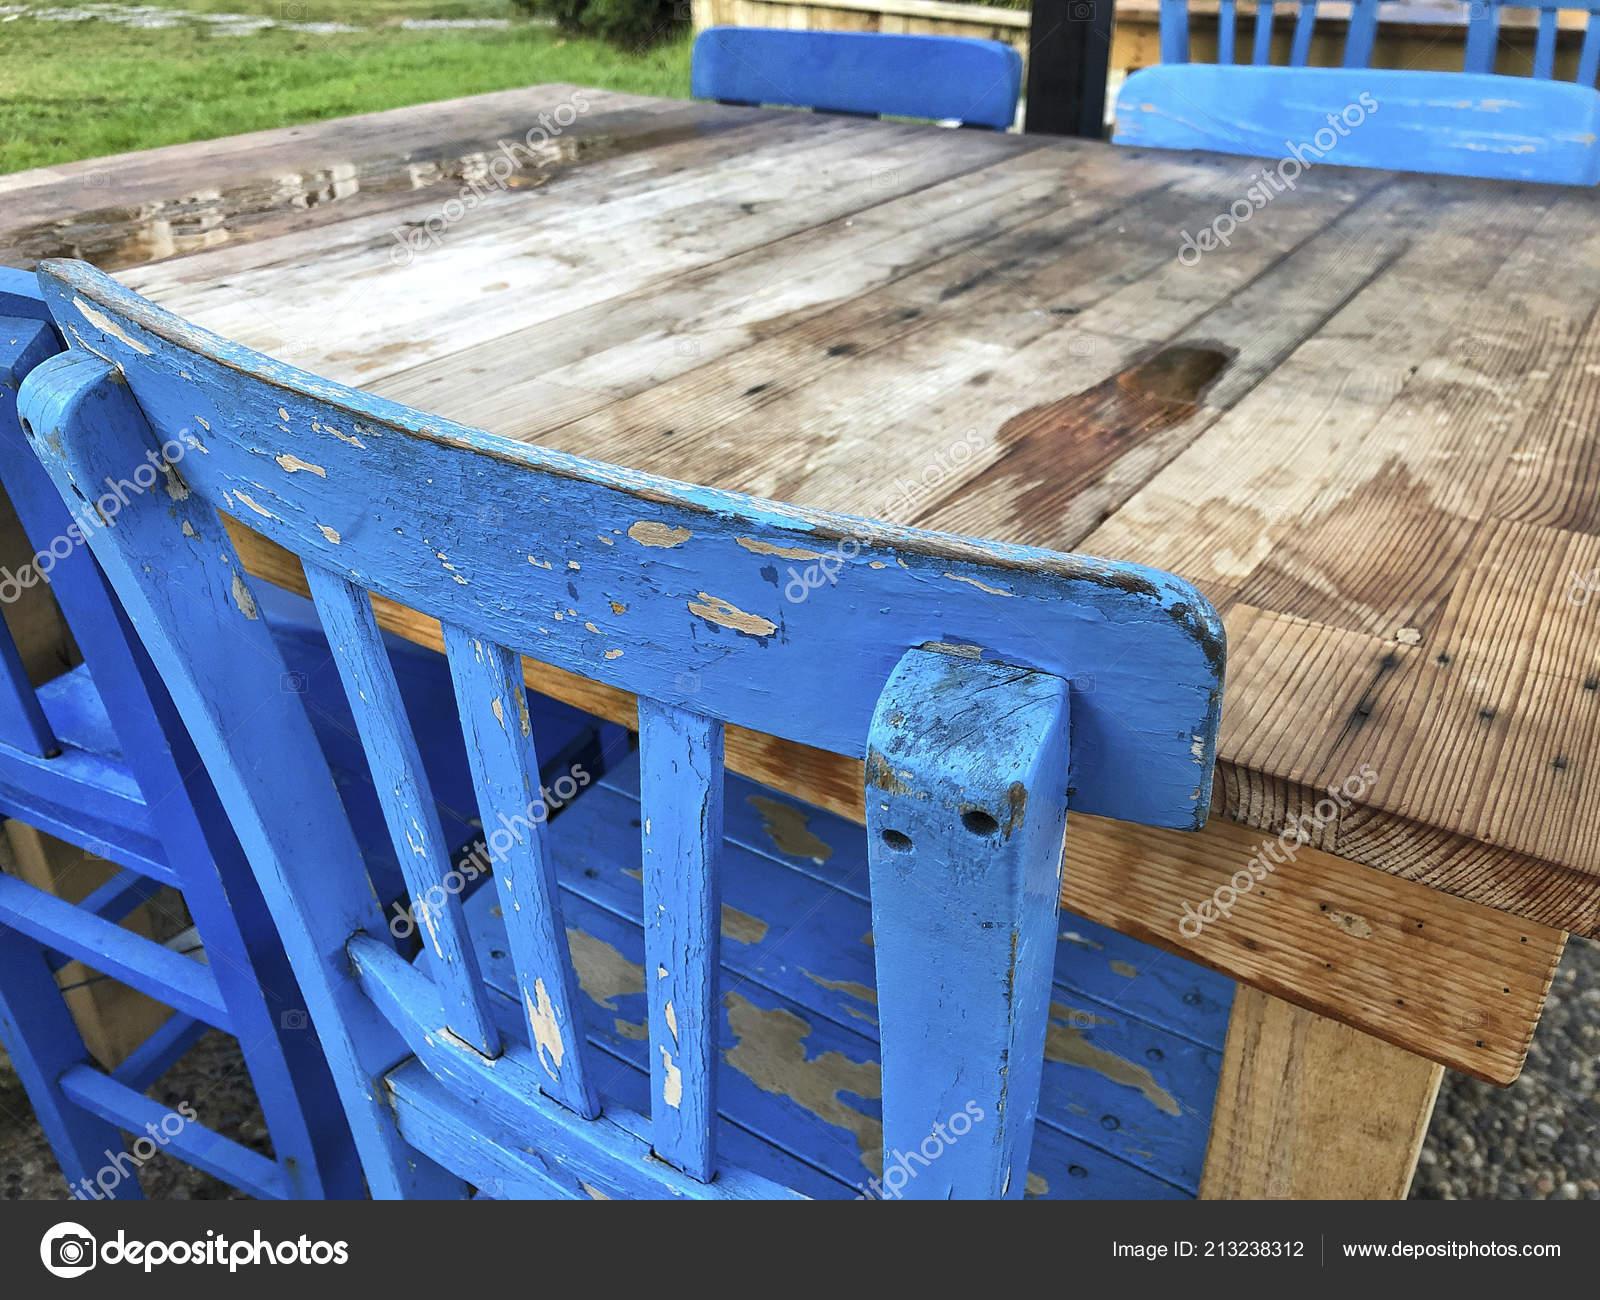 Piani Per Tavoli In Legno Vecchio.Sedie Tavolo Legno Vecchio Primo Piano Foto Stock C Bernanamoglu